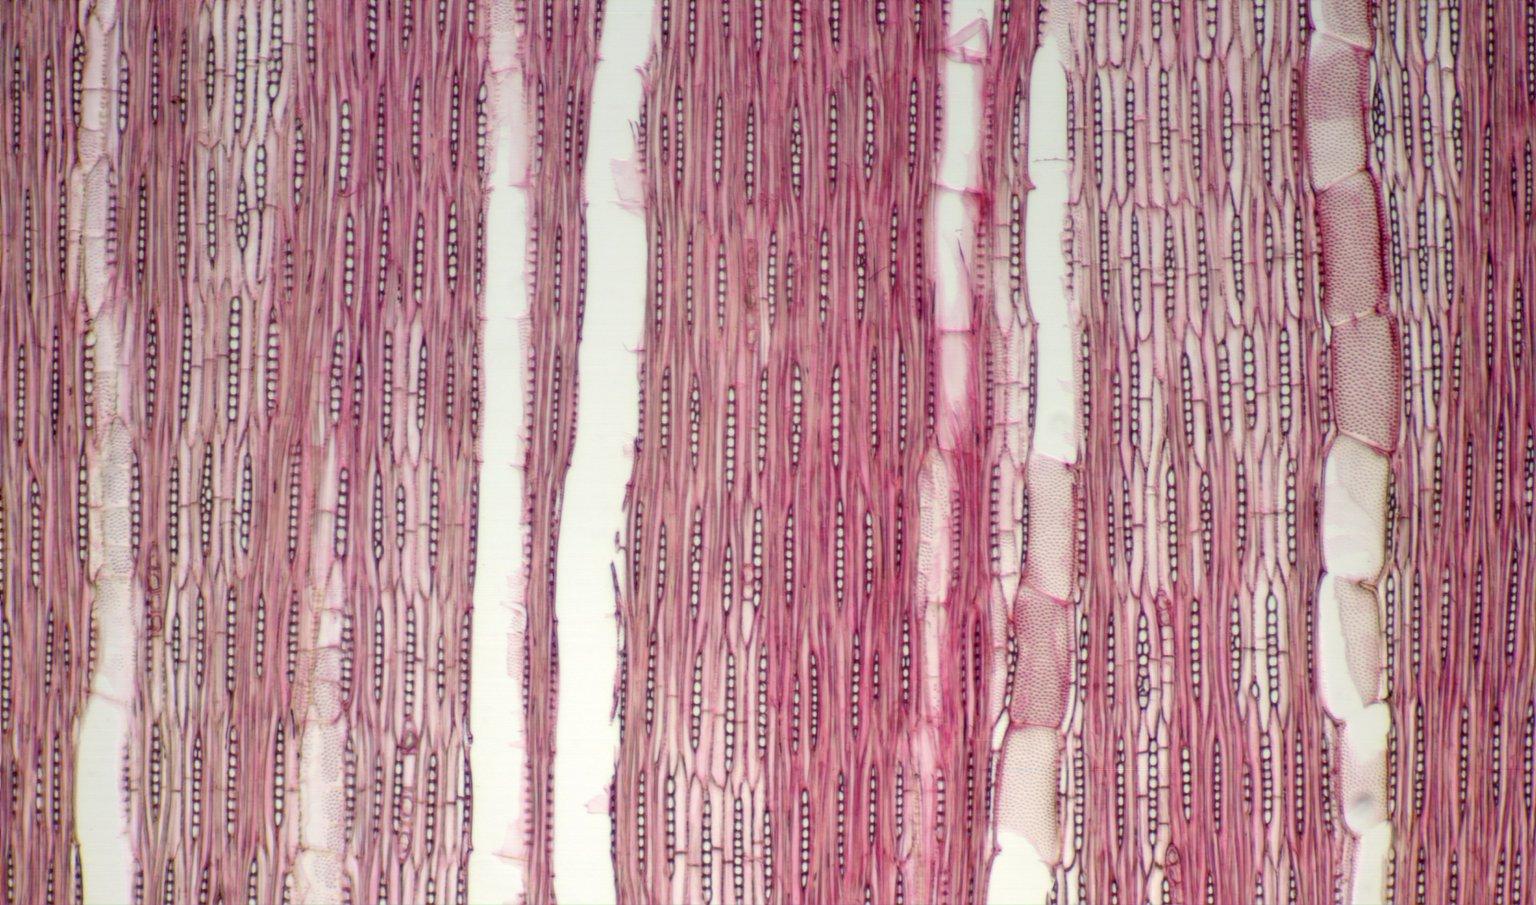 LEGUMINOSAE PAPILIONOIDEAE Platypodium elegans